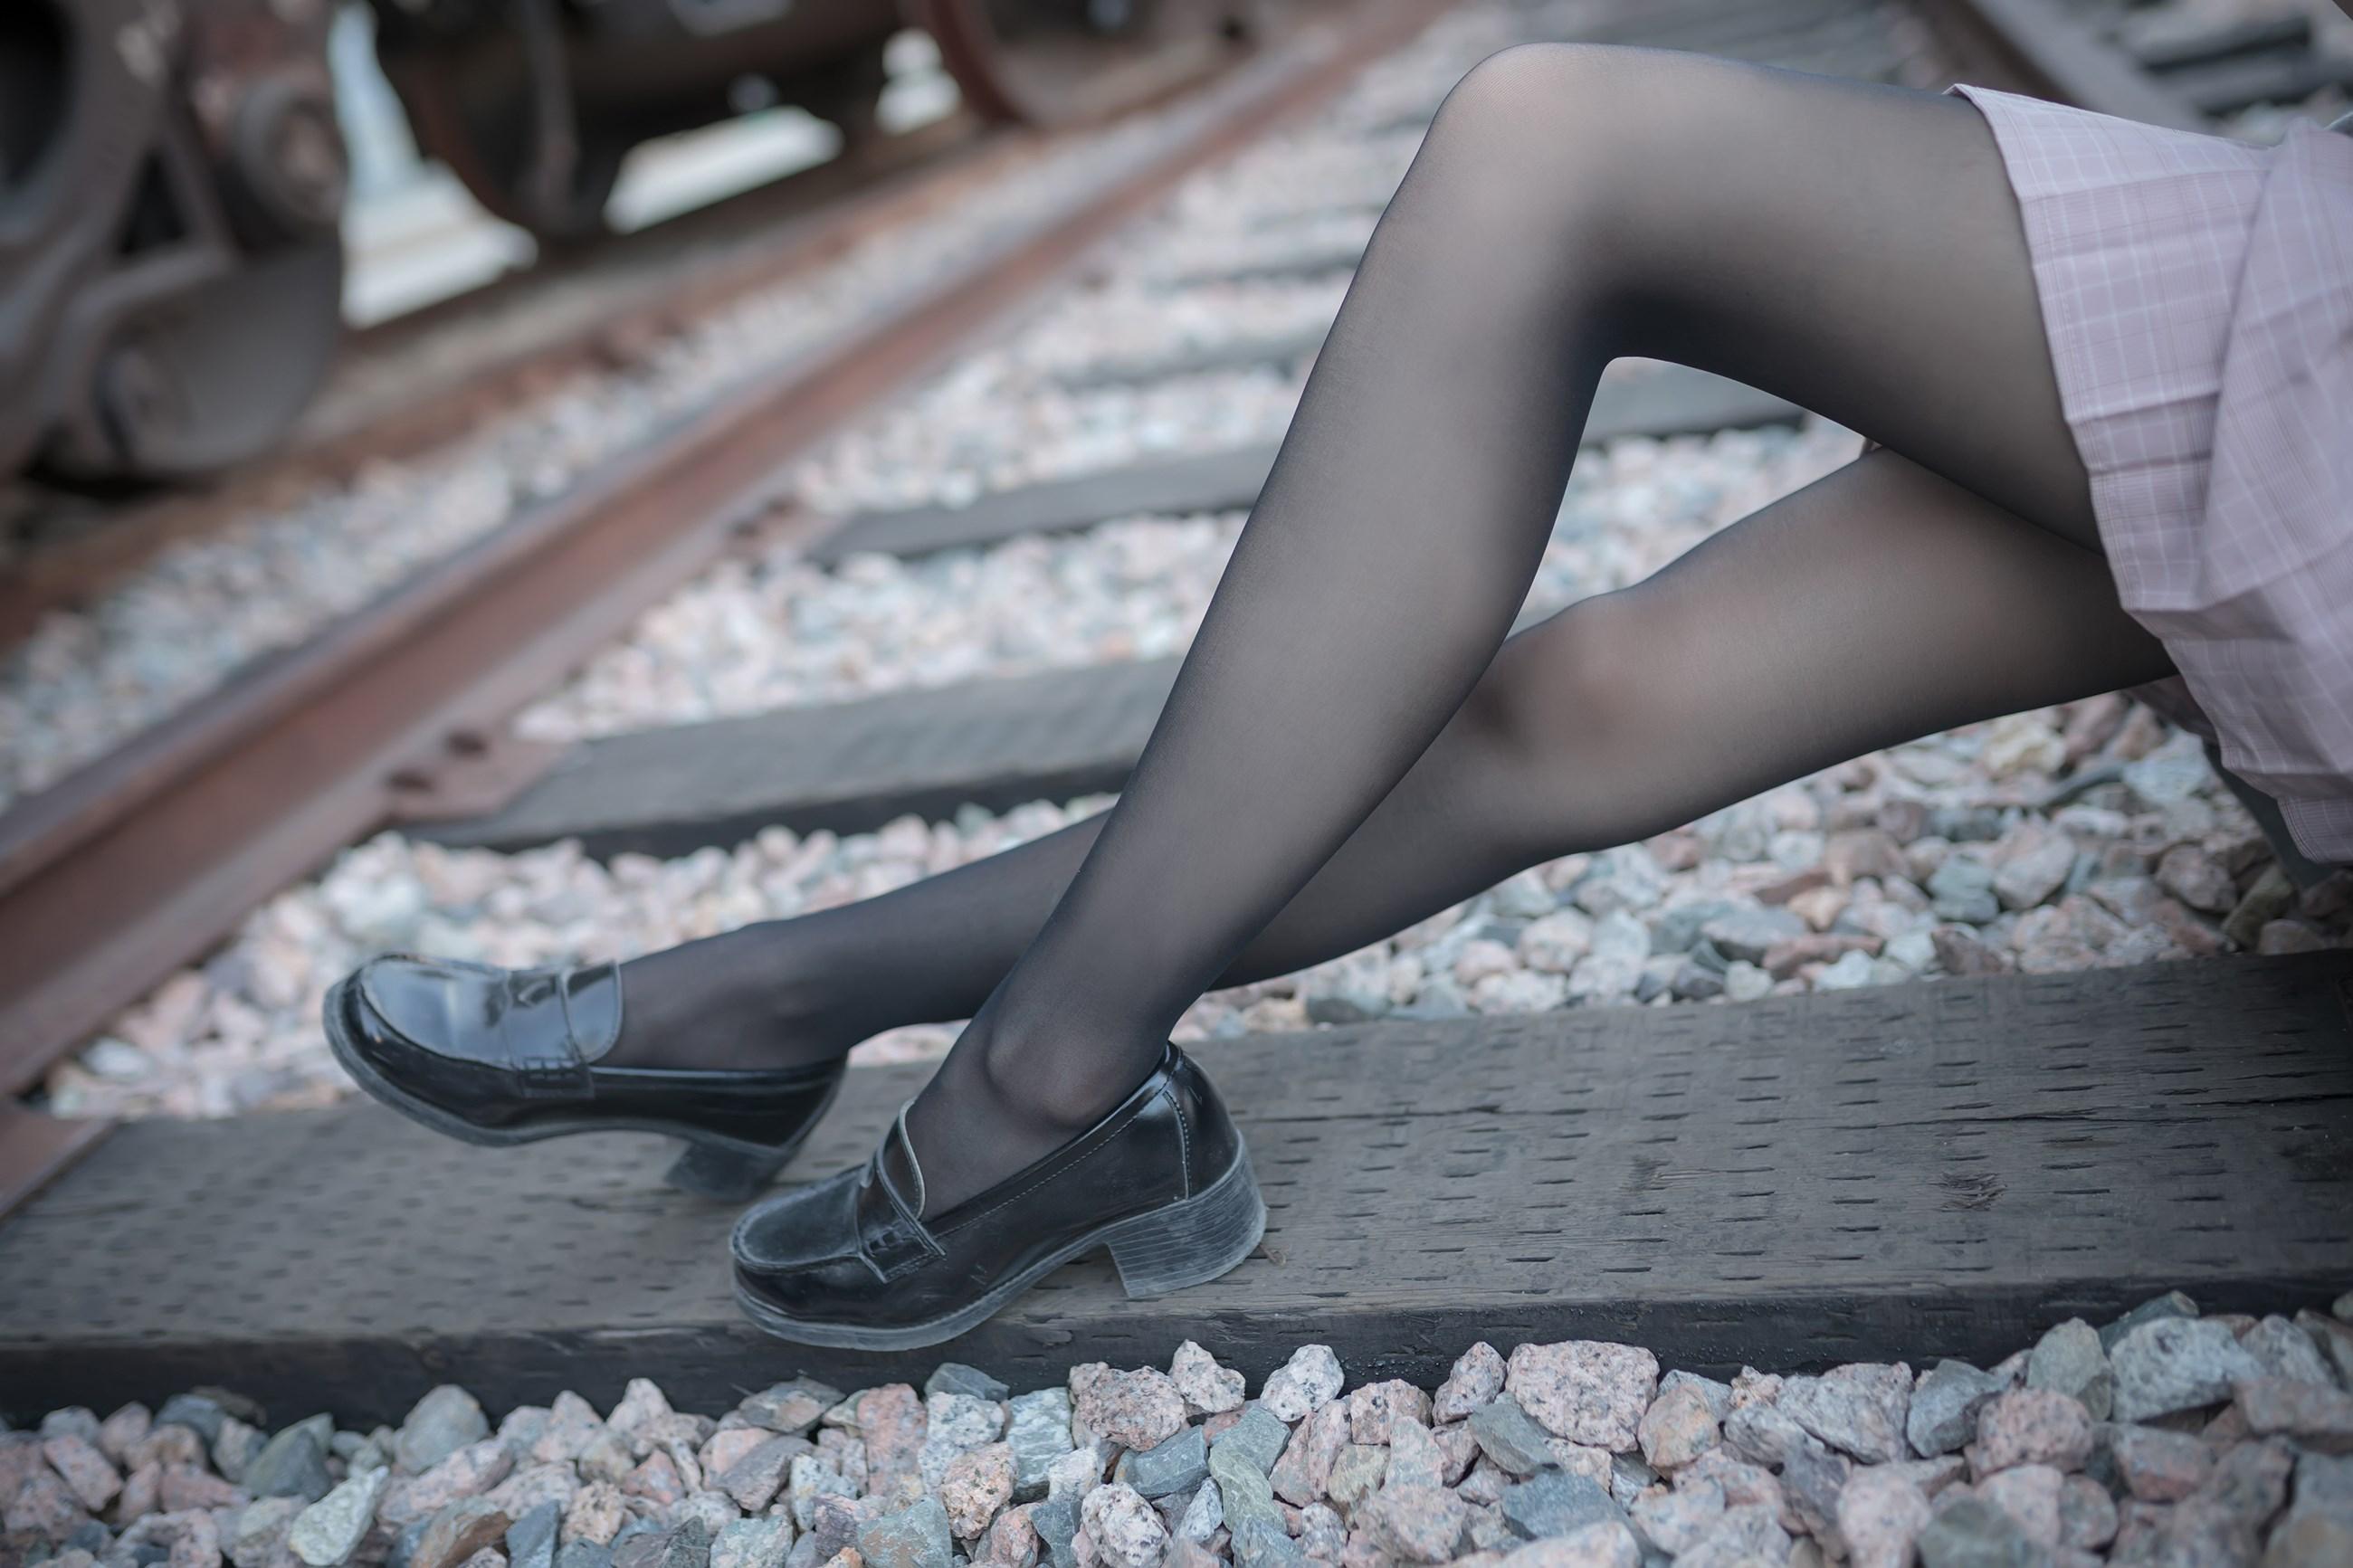 【兔玩映画】铁轨旁的小细腿 兔玩映画 第12张